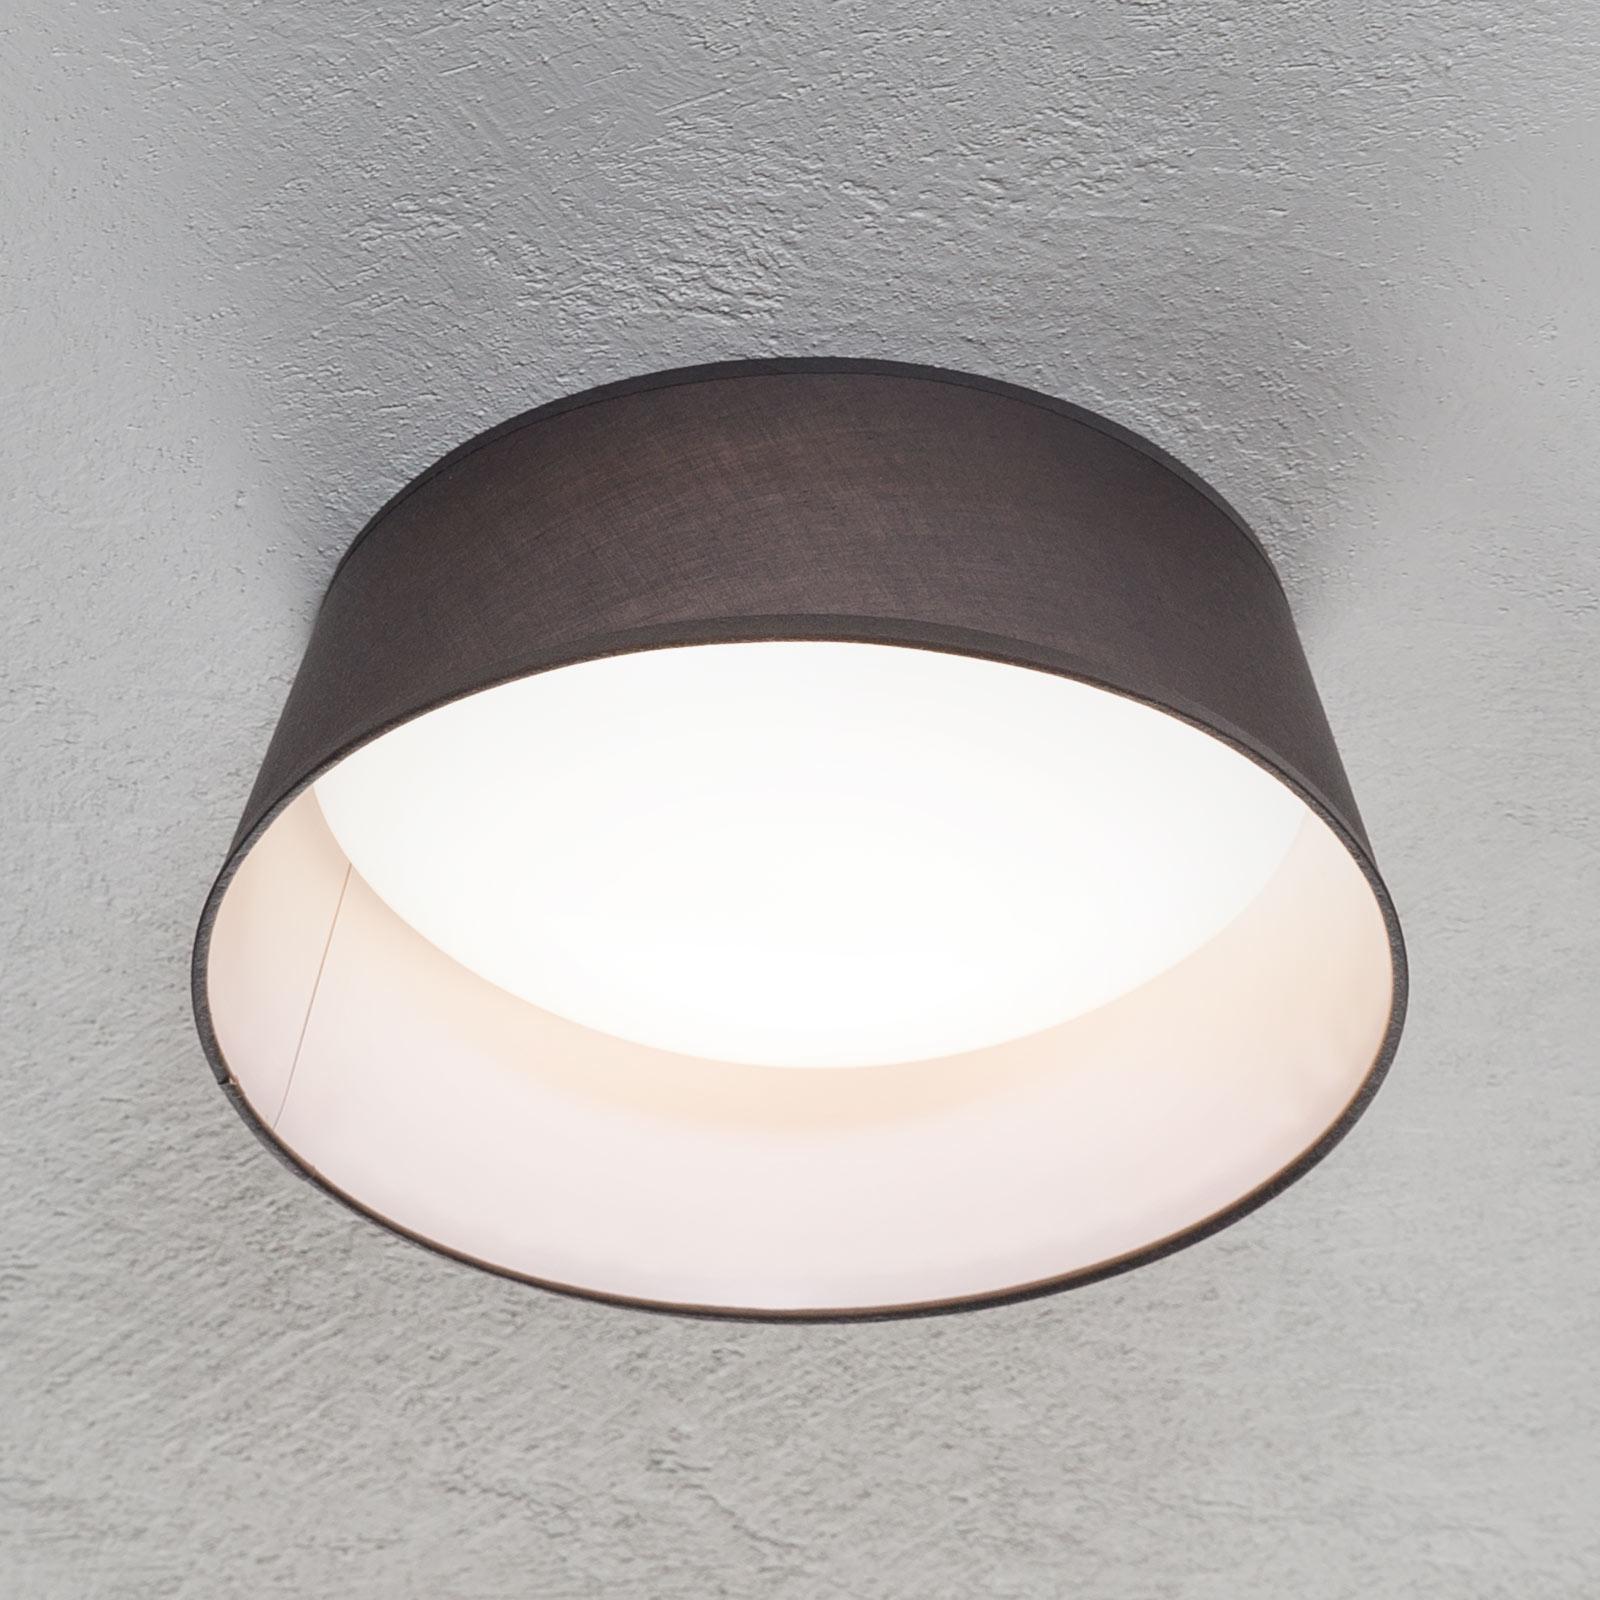 LED-kattovalaisin Ponts, harmaa tekstiilivarjostin